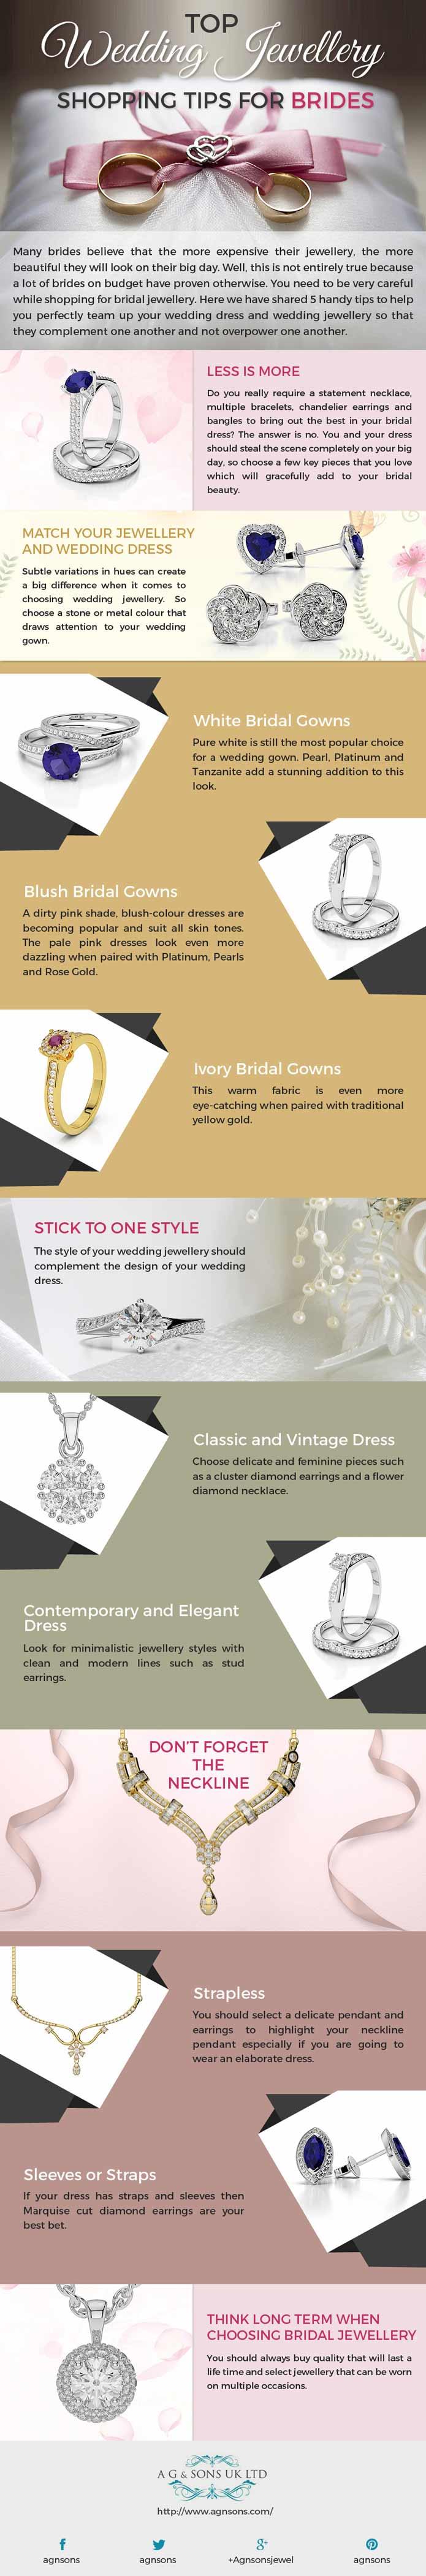 Wedding Jewellery Shopping Tips